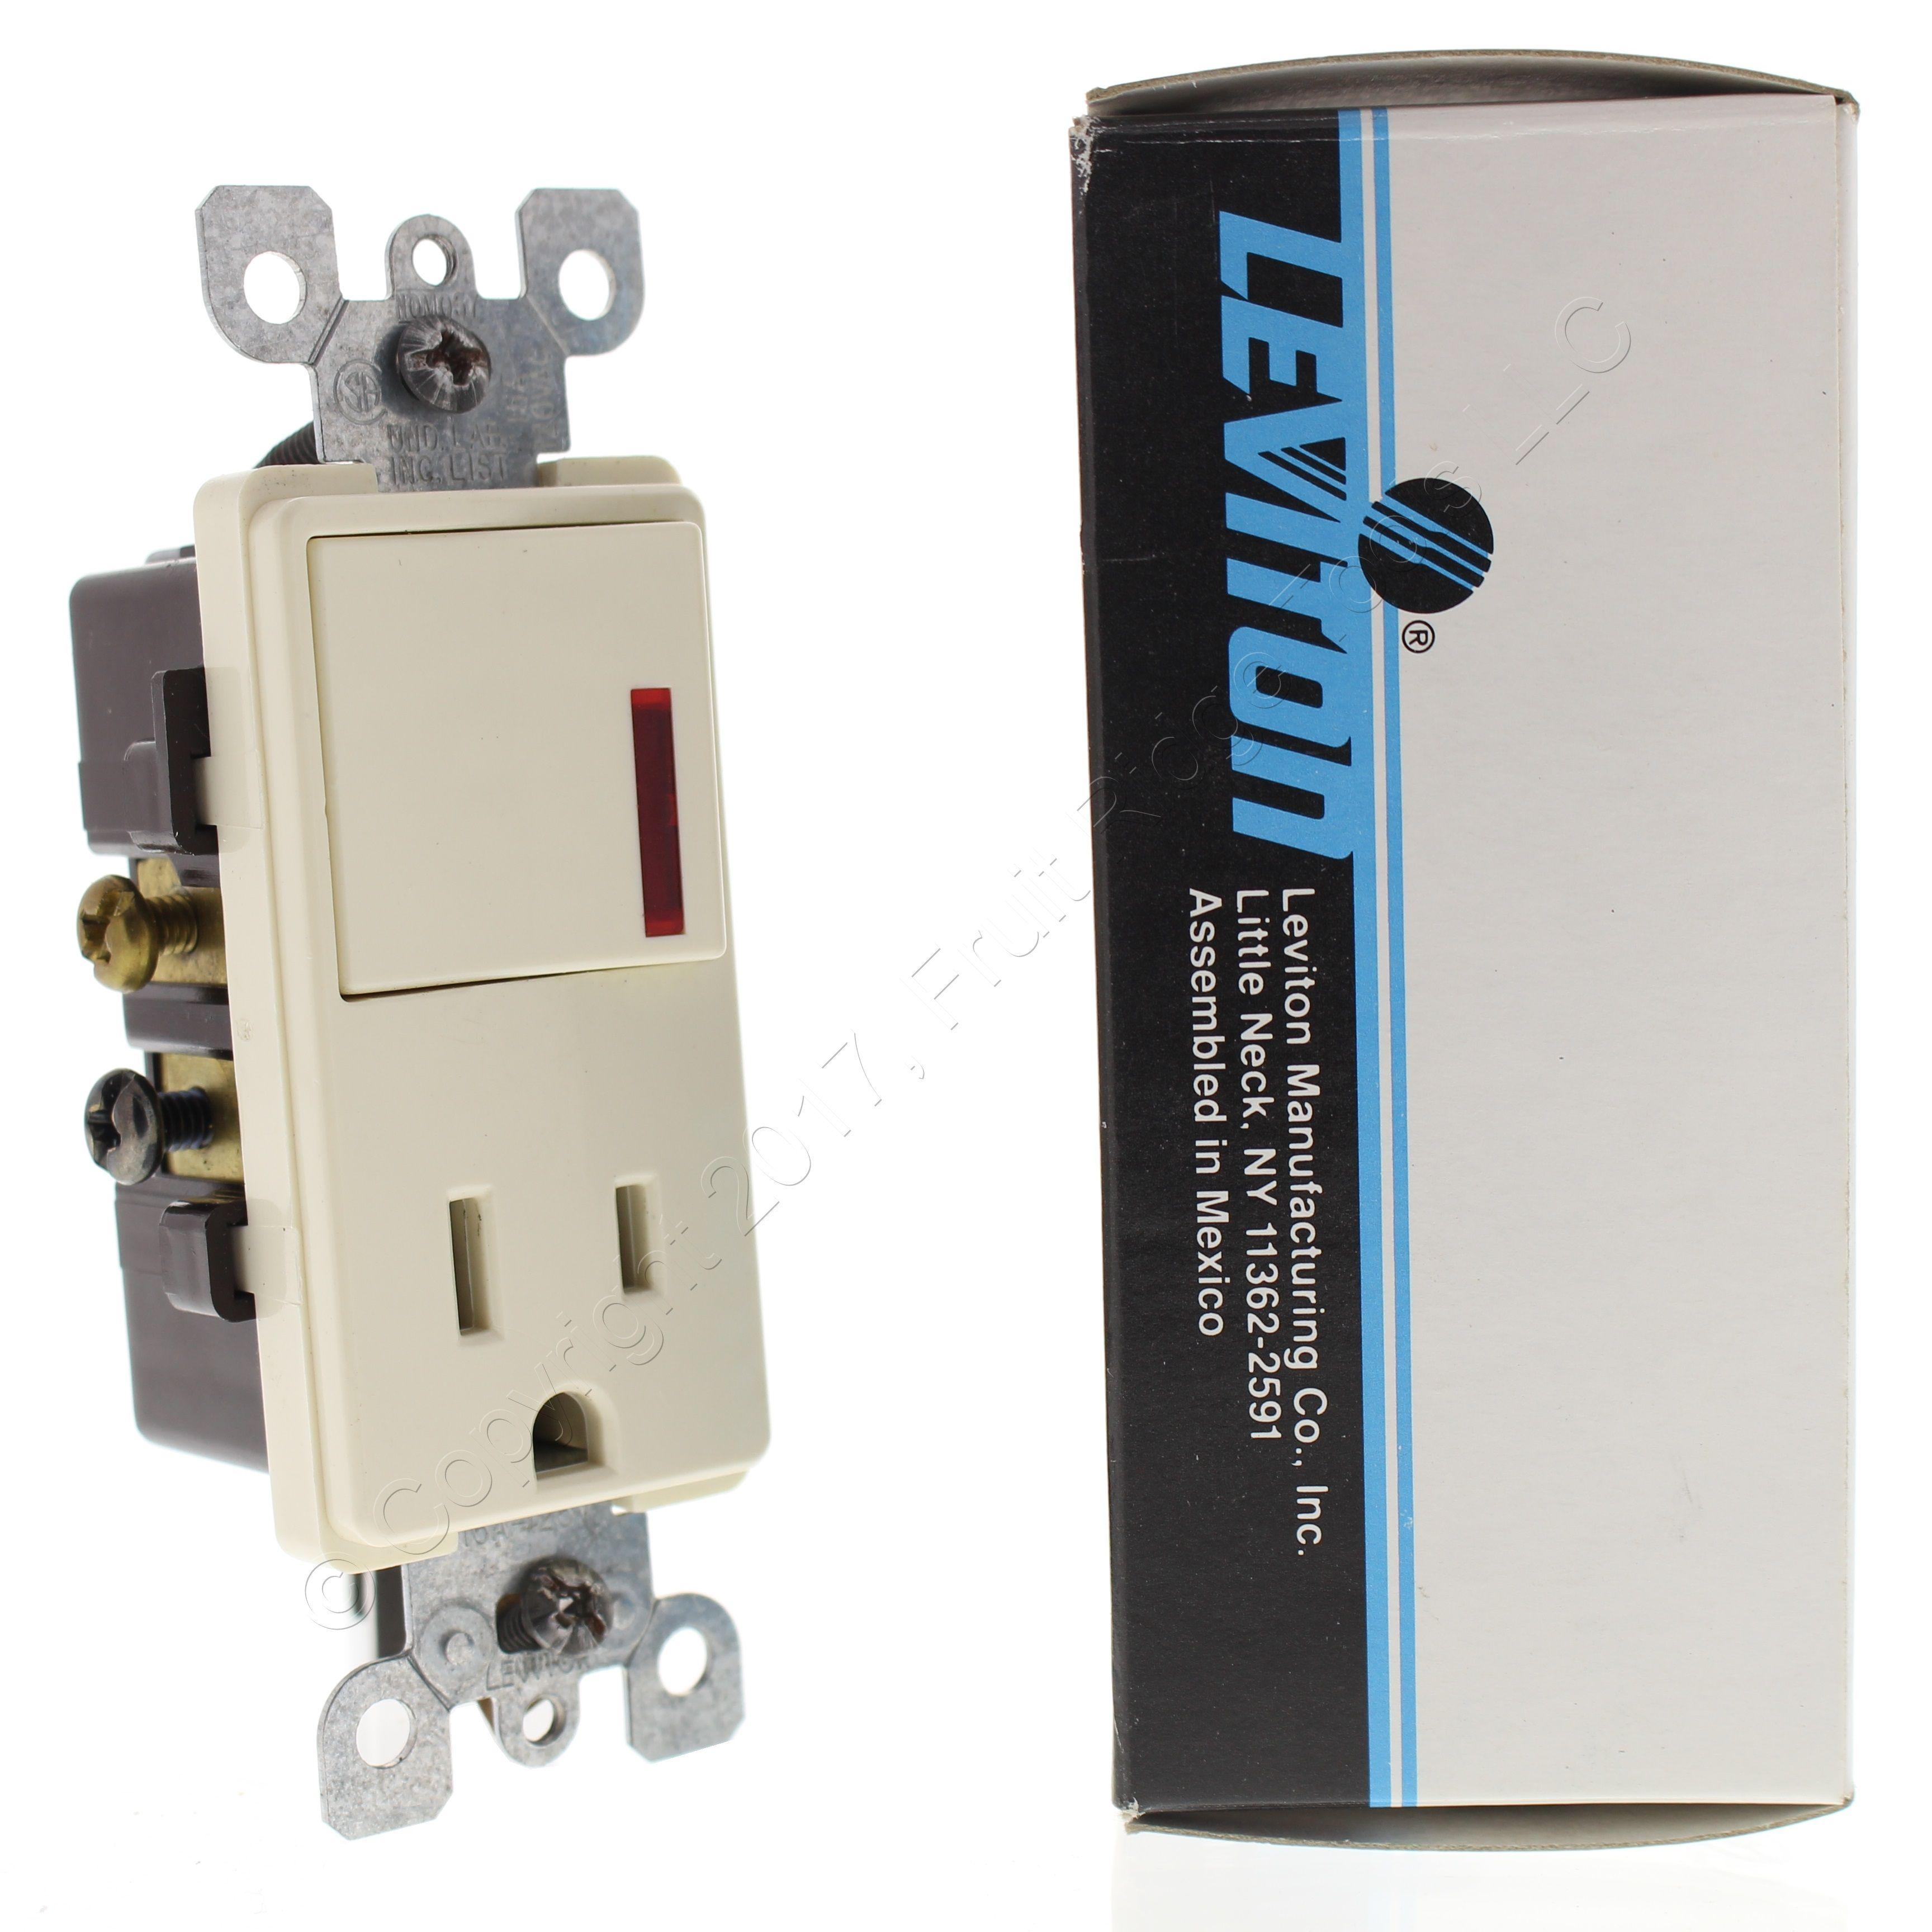 Buy Leviton Almond Decora Rocker Pilot Light Switch w/ 15A ...